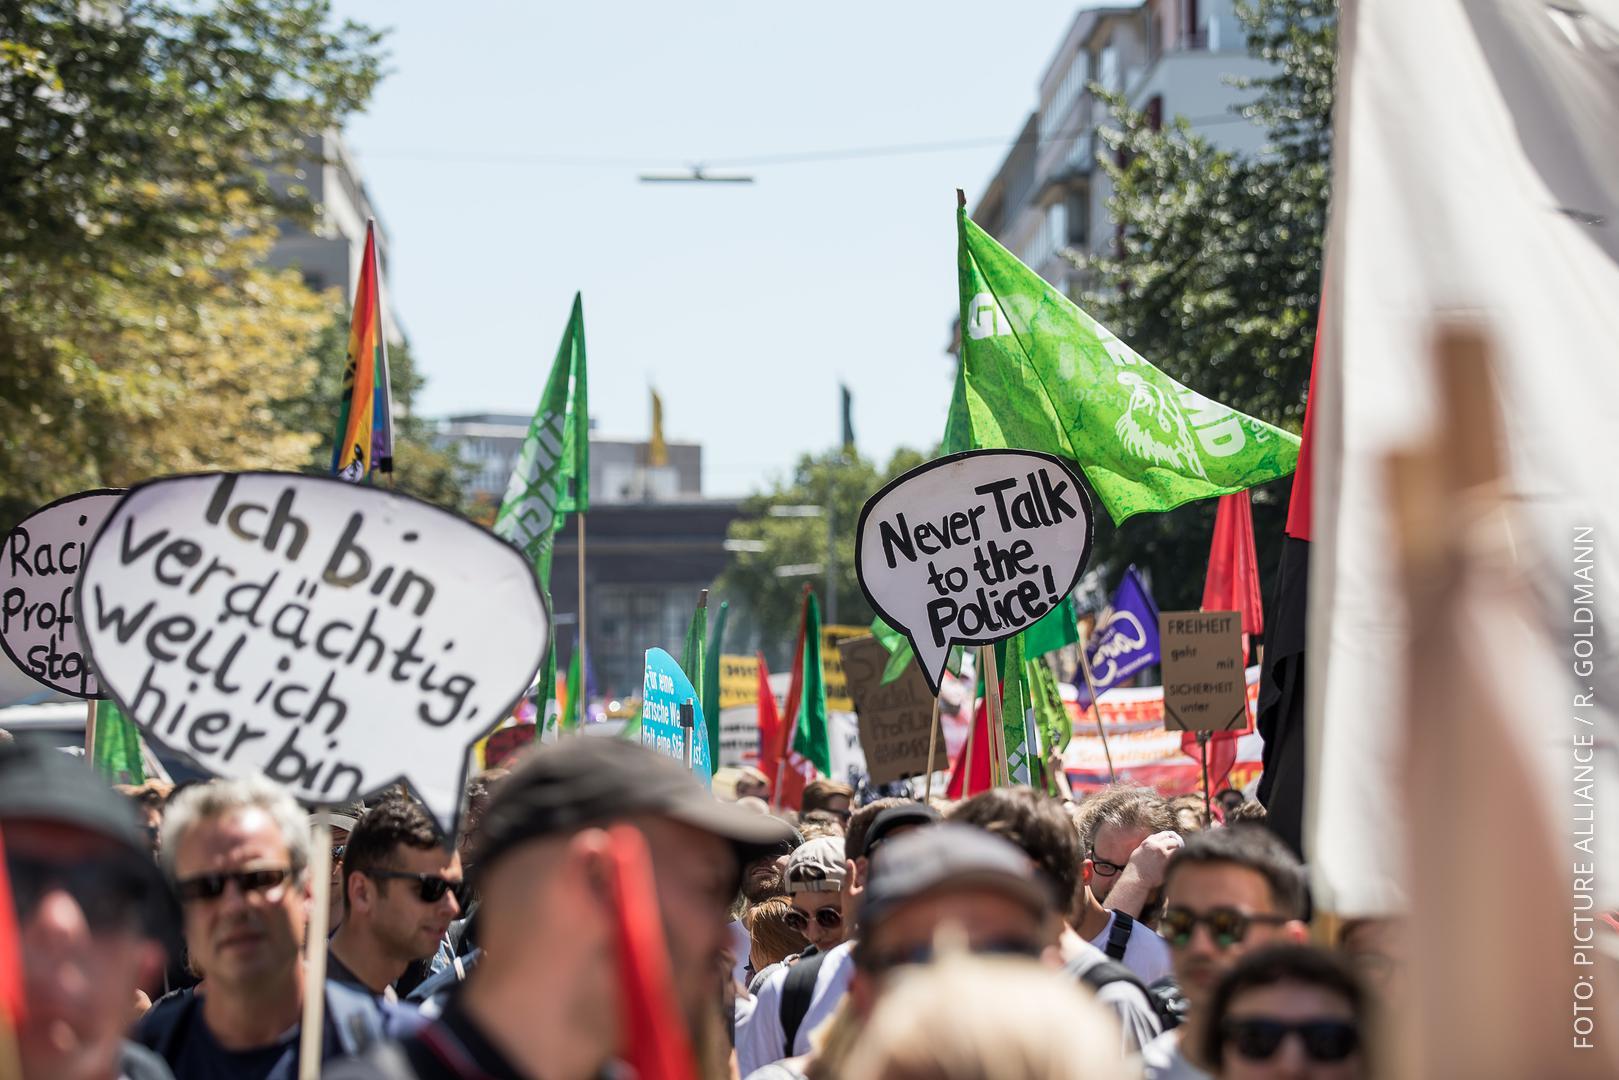 Demonstration - Nein zum neuen Polizeigesetz NRW! - am 07. Juli 2018 in Düsseldorf.